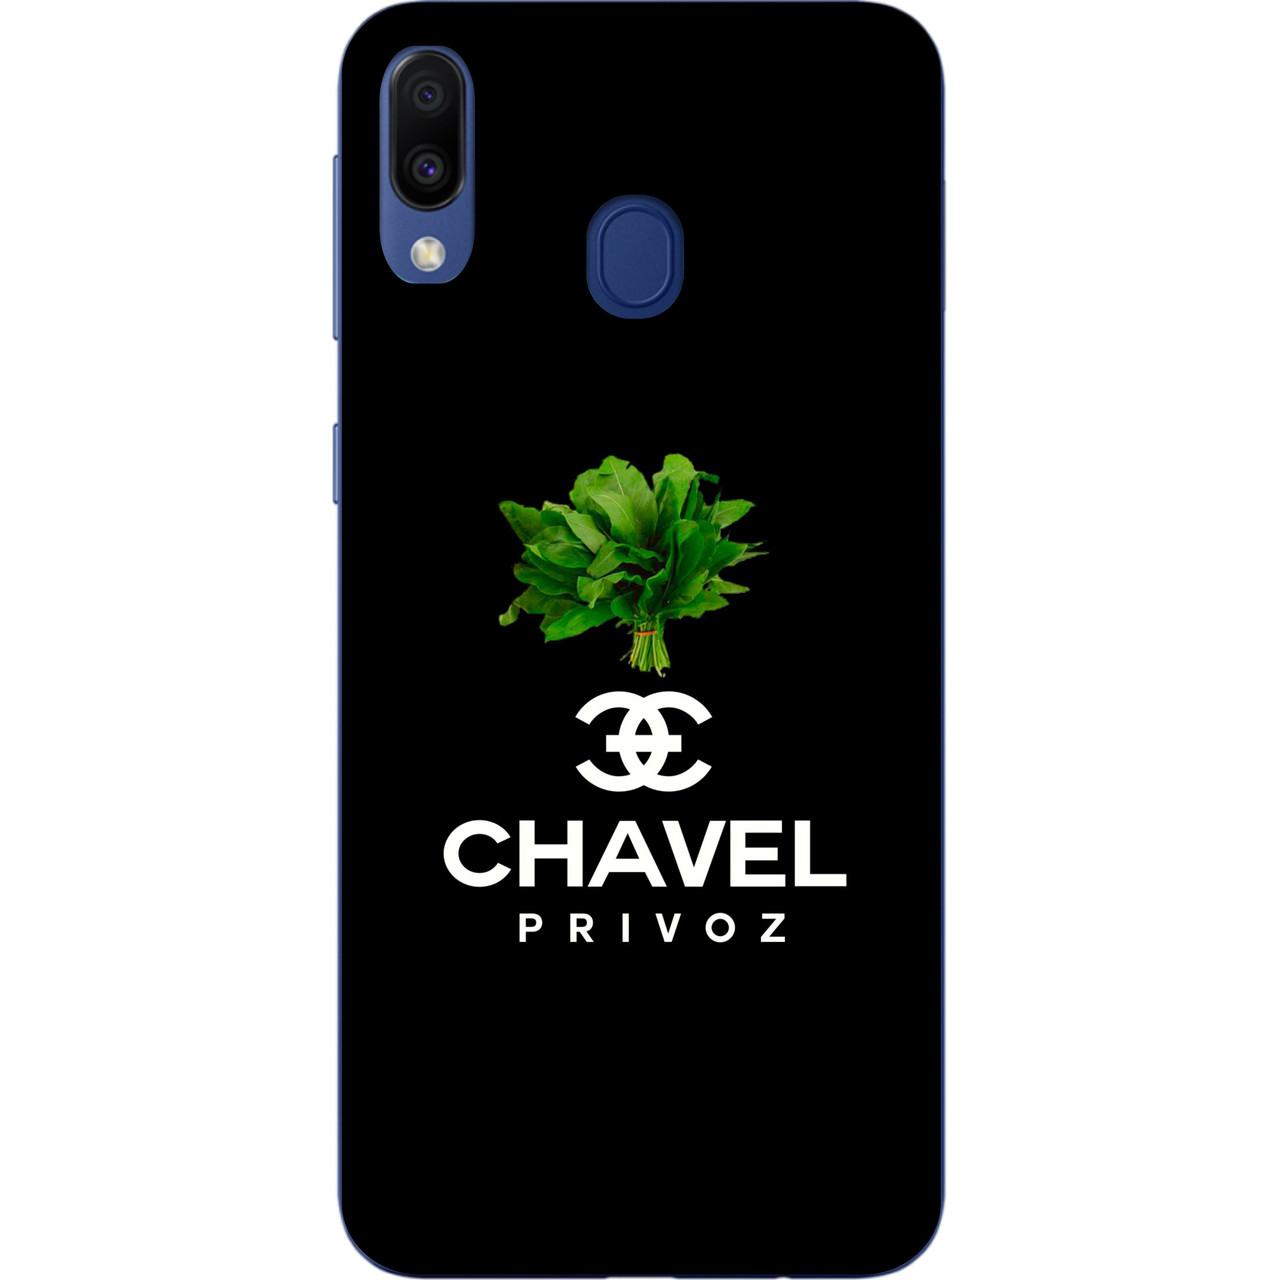 Антибрендовый силіконовий чохол для Samsung Galaxy A20 2019 A205F з картинкою Chavel Privoz